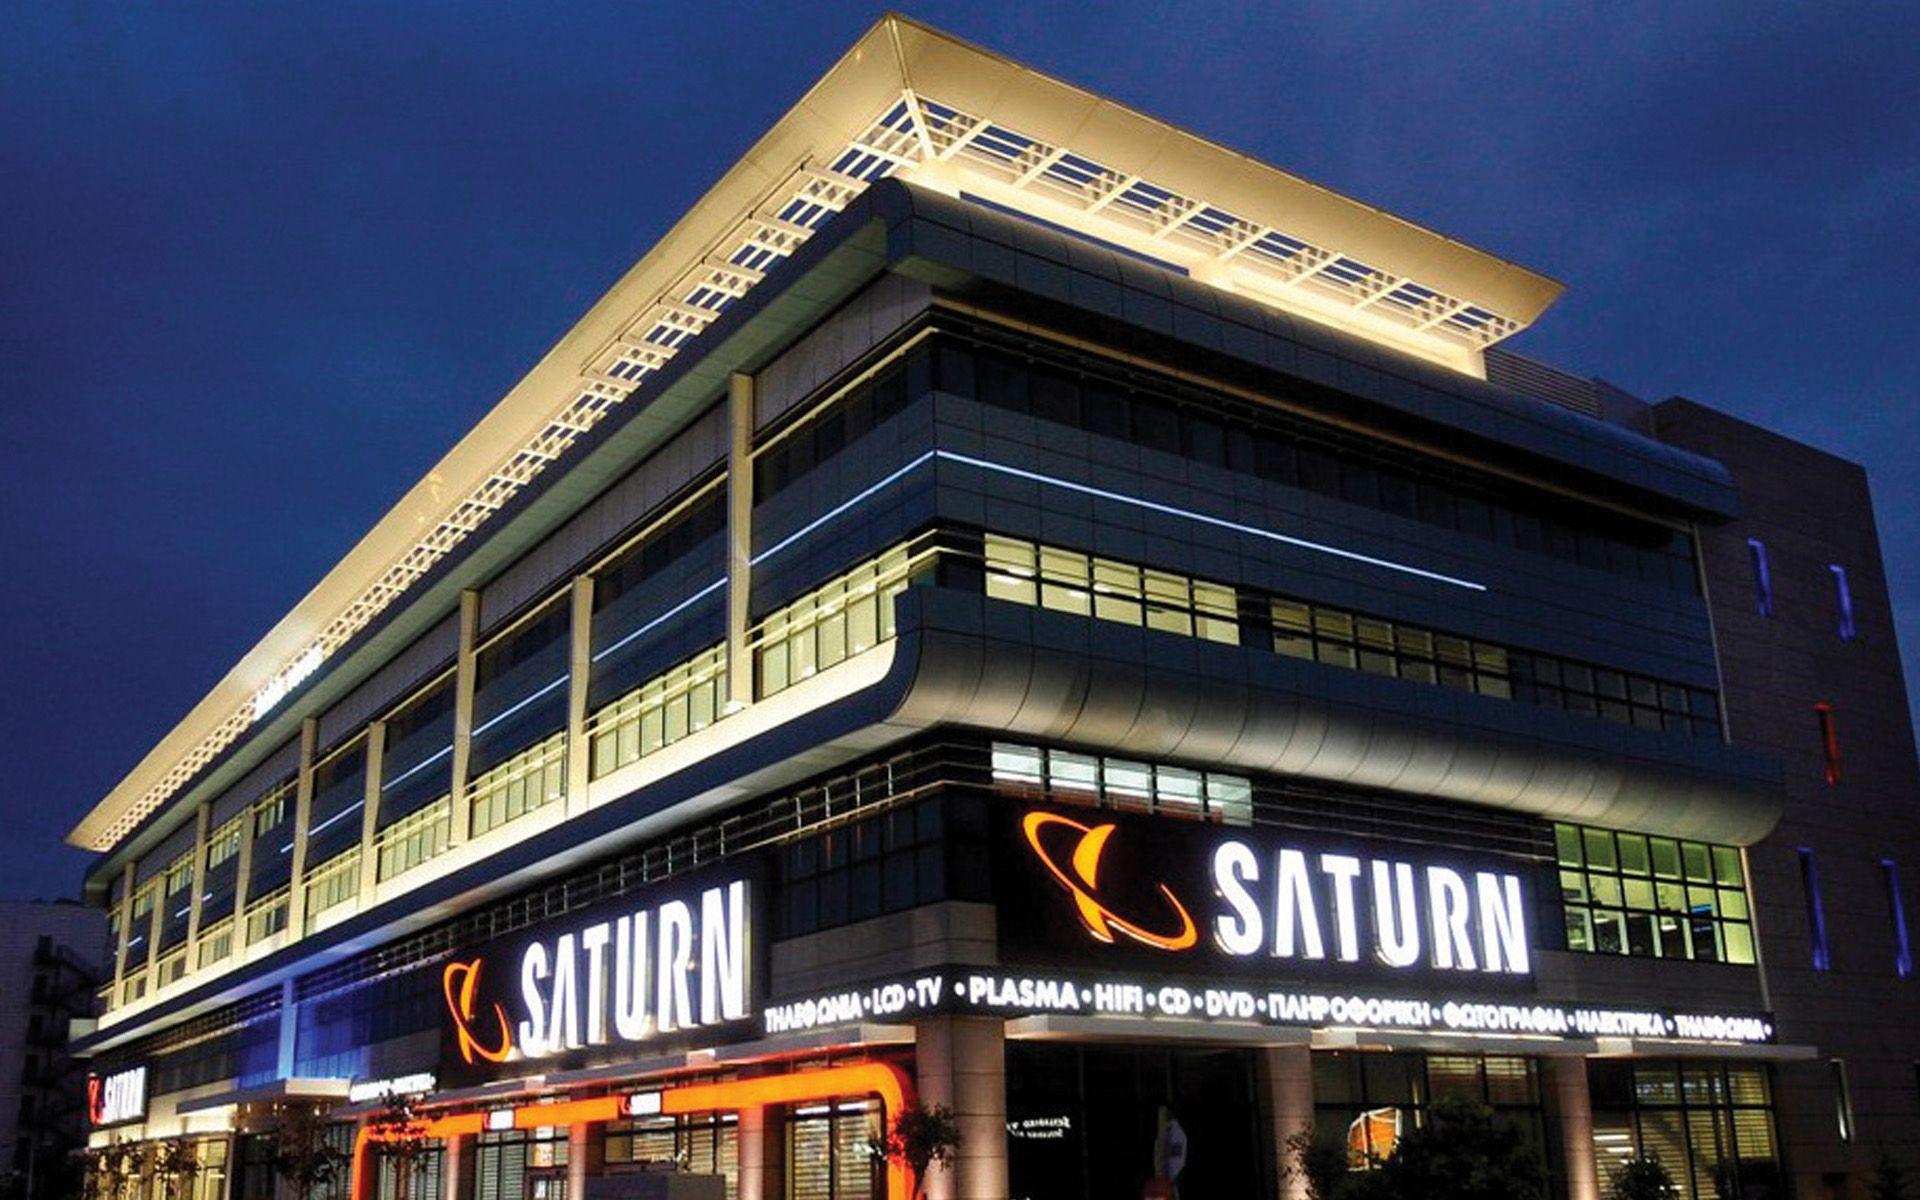 Media-Saturn Bundles Online Efforts